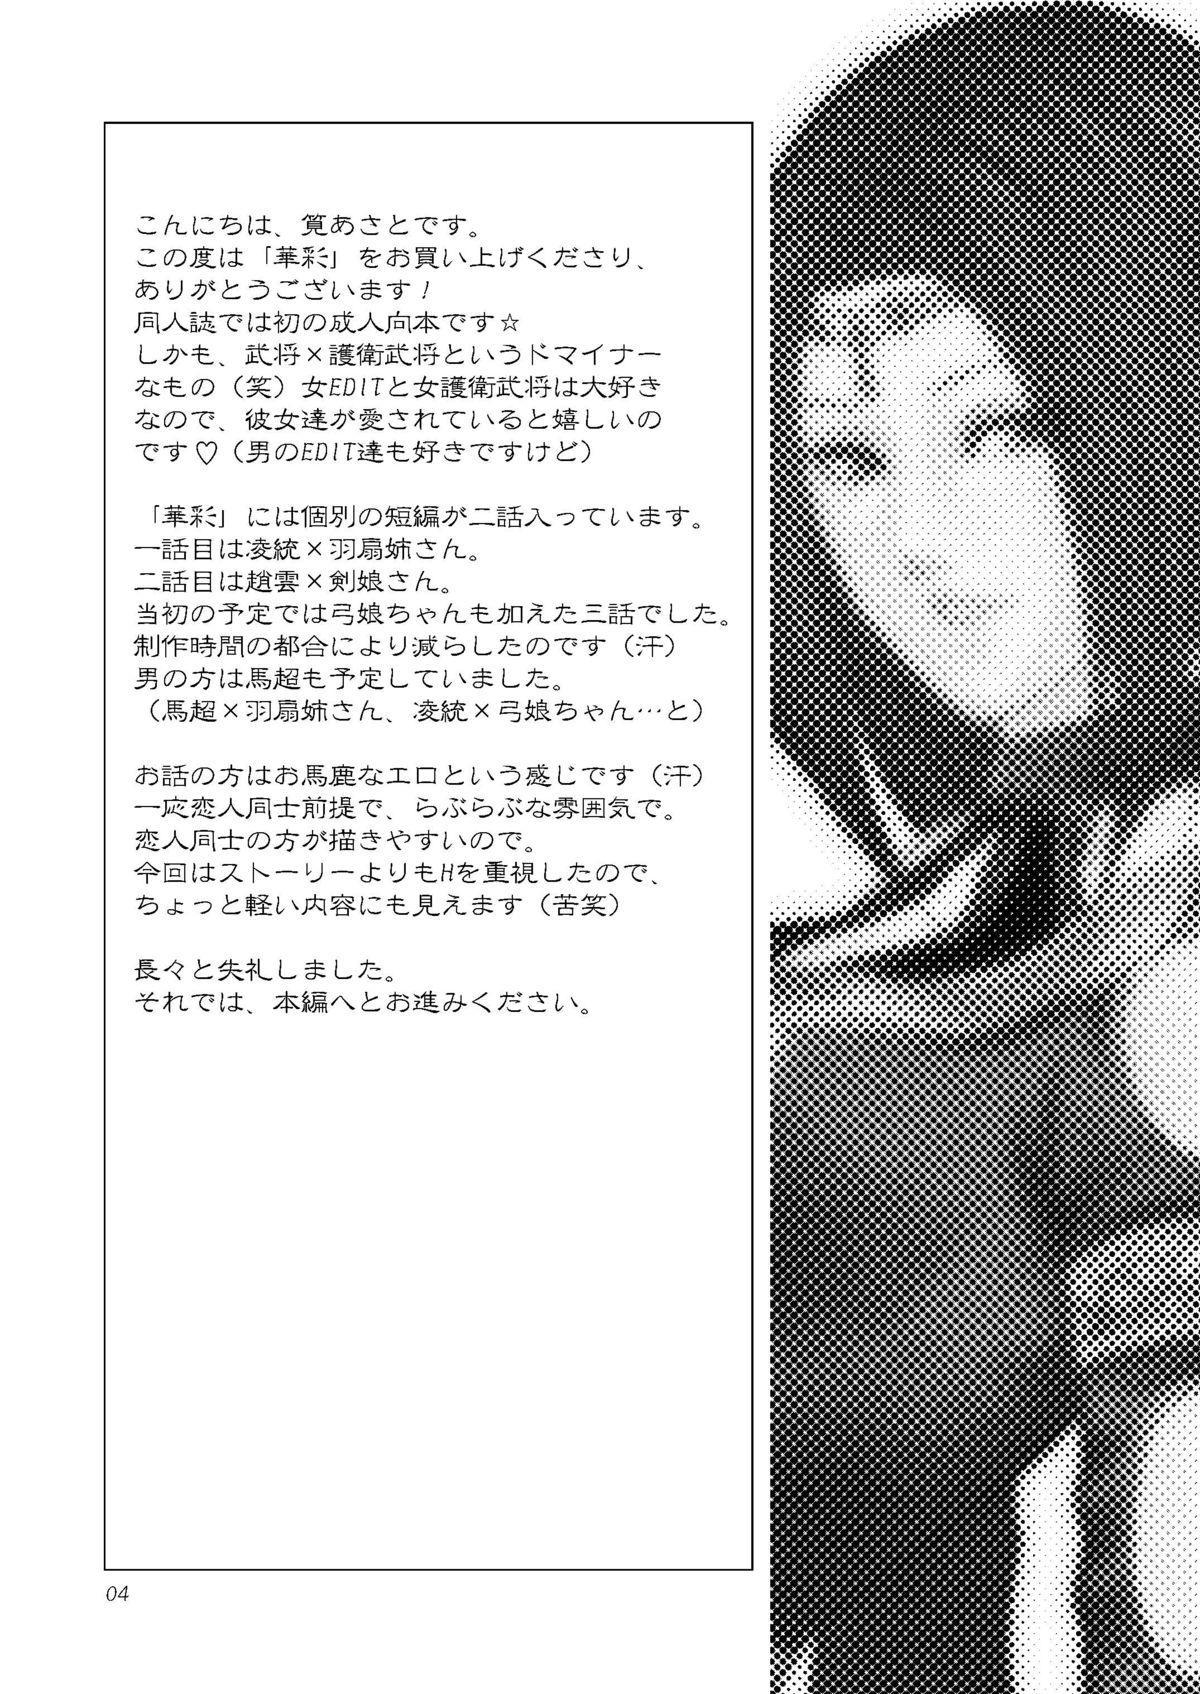 Kasai 3